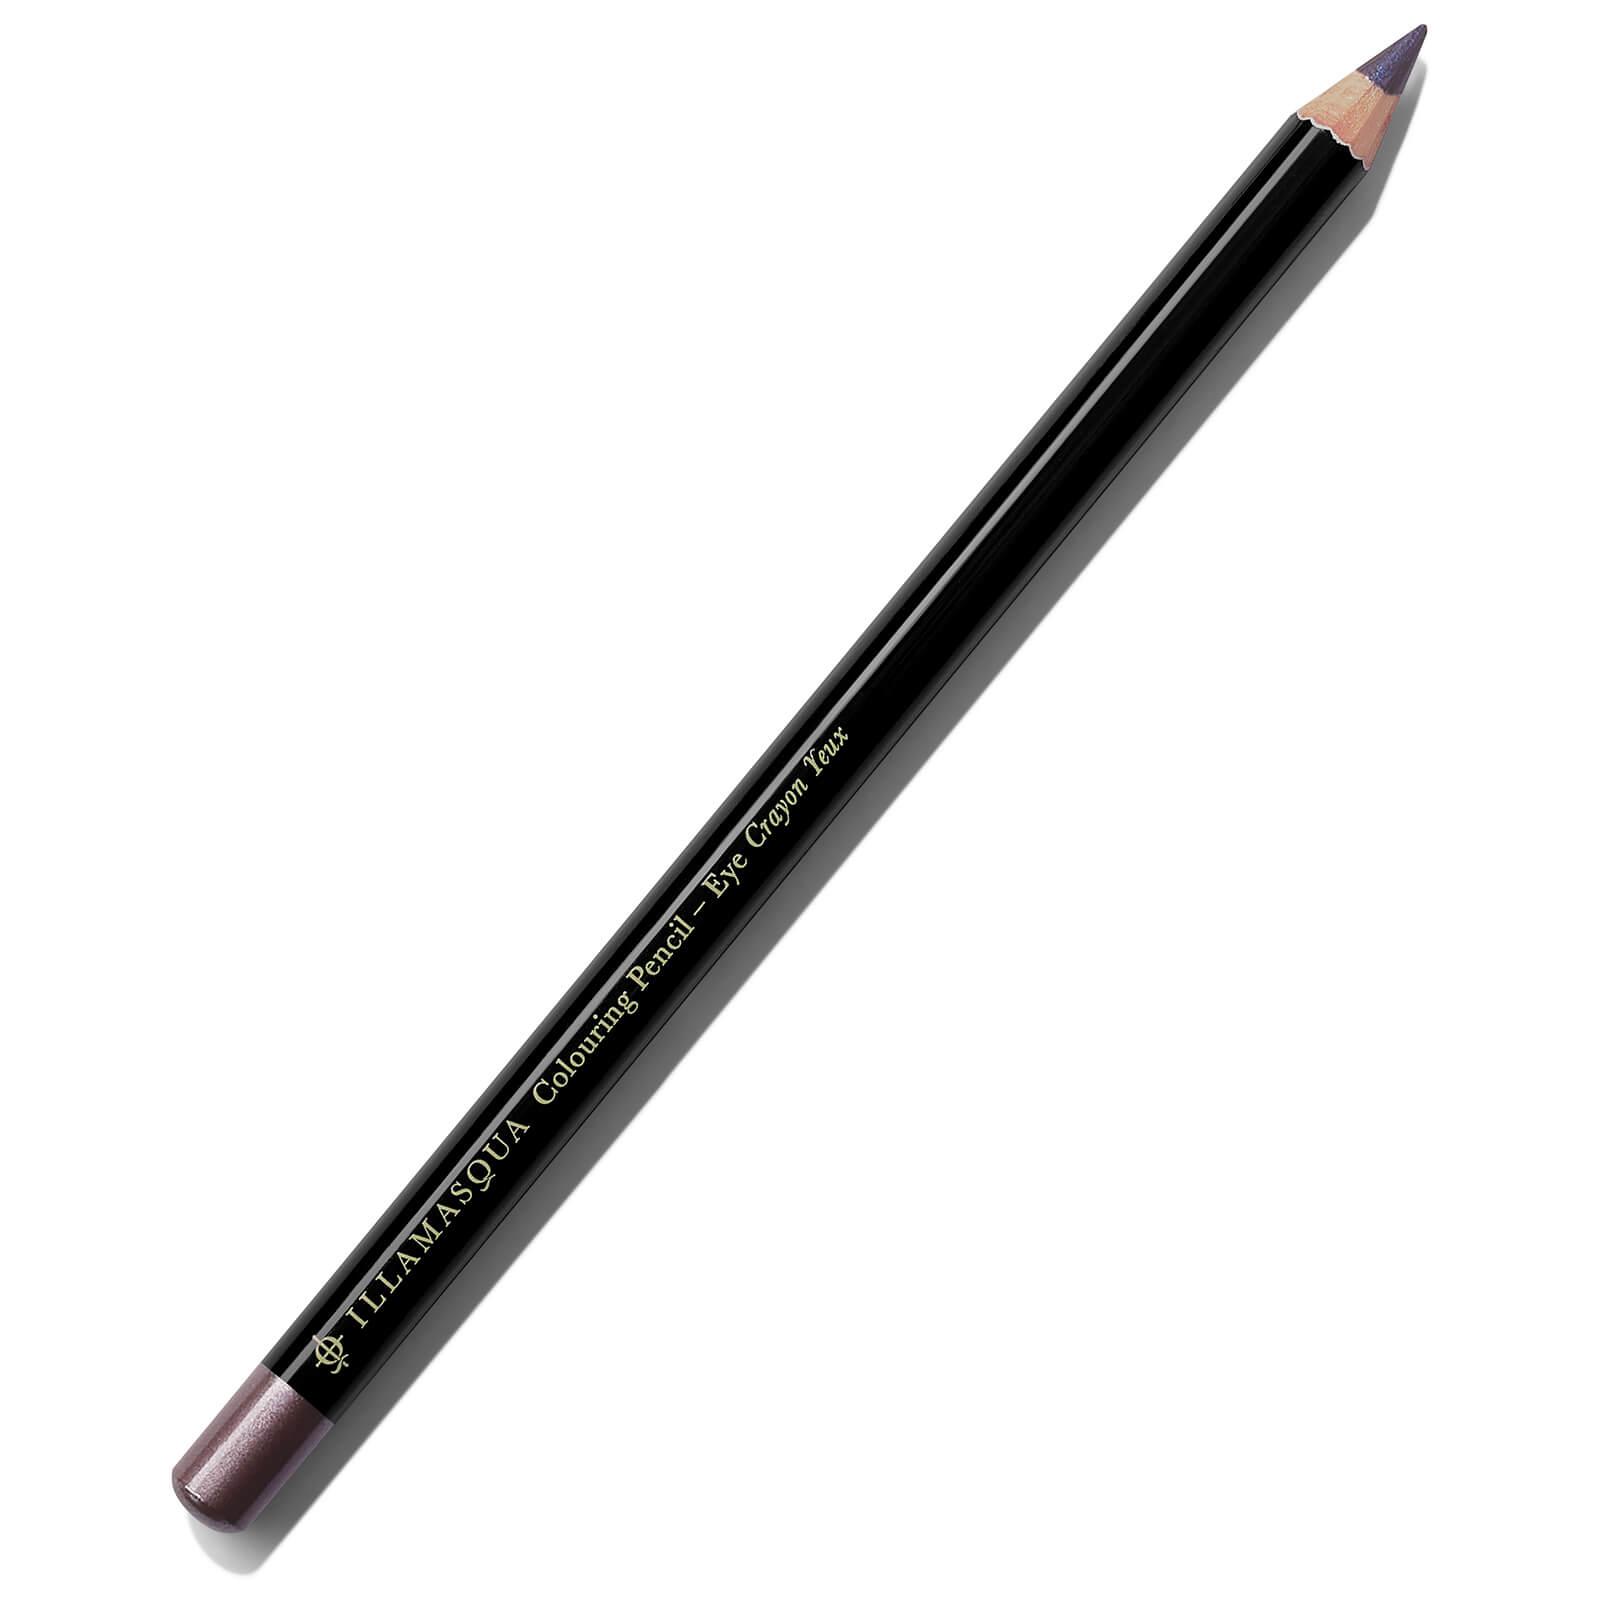 Купить Карандаш для глаз Illamasqua Colouring Eye Pencil 1, 4 г (различные оттенки) - Velvet